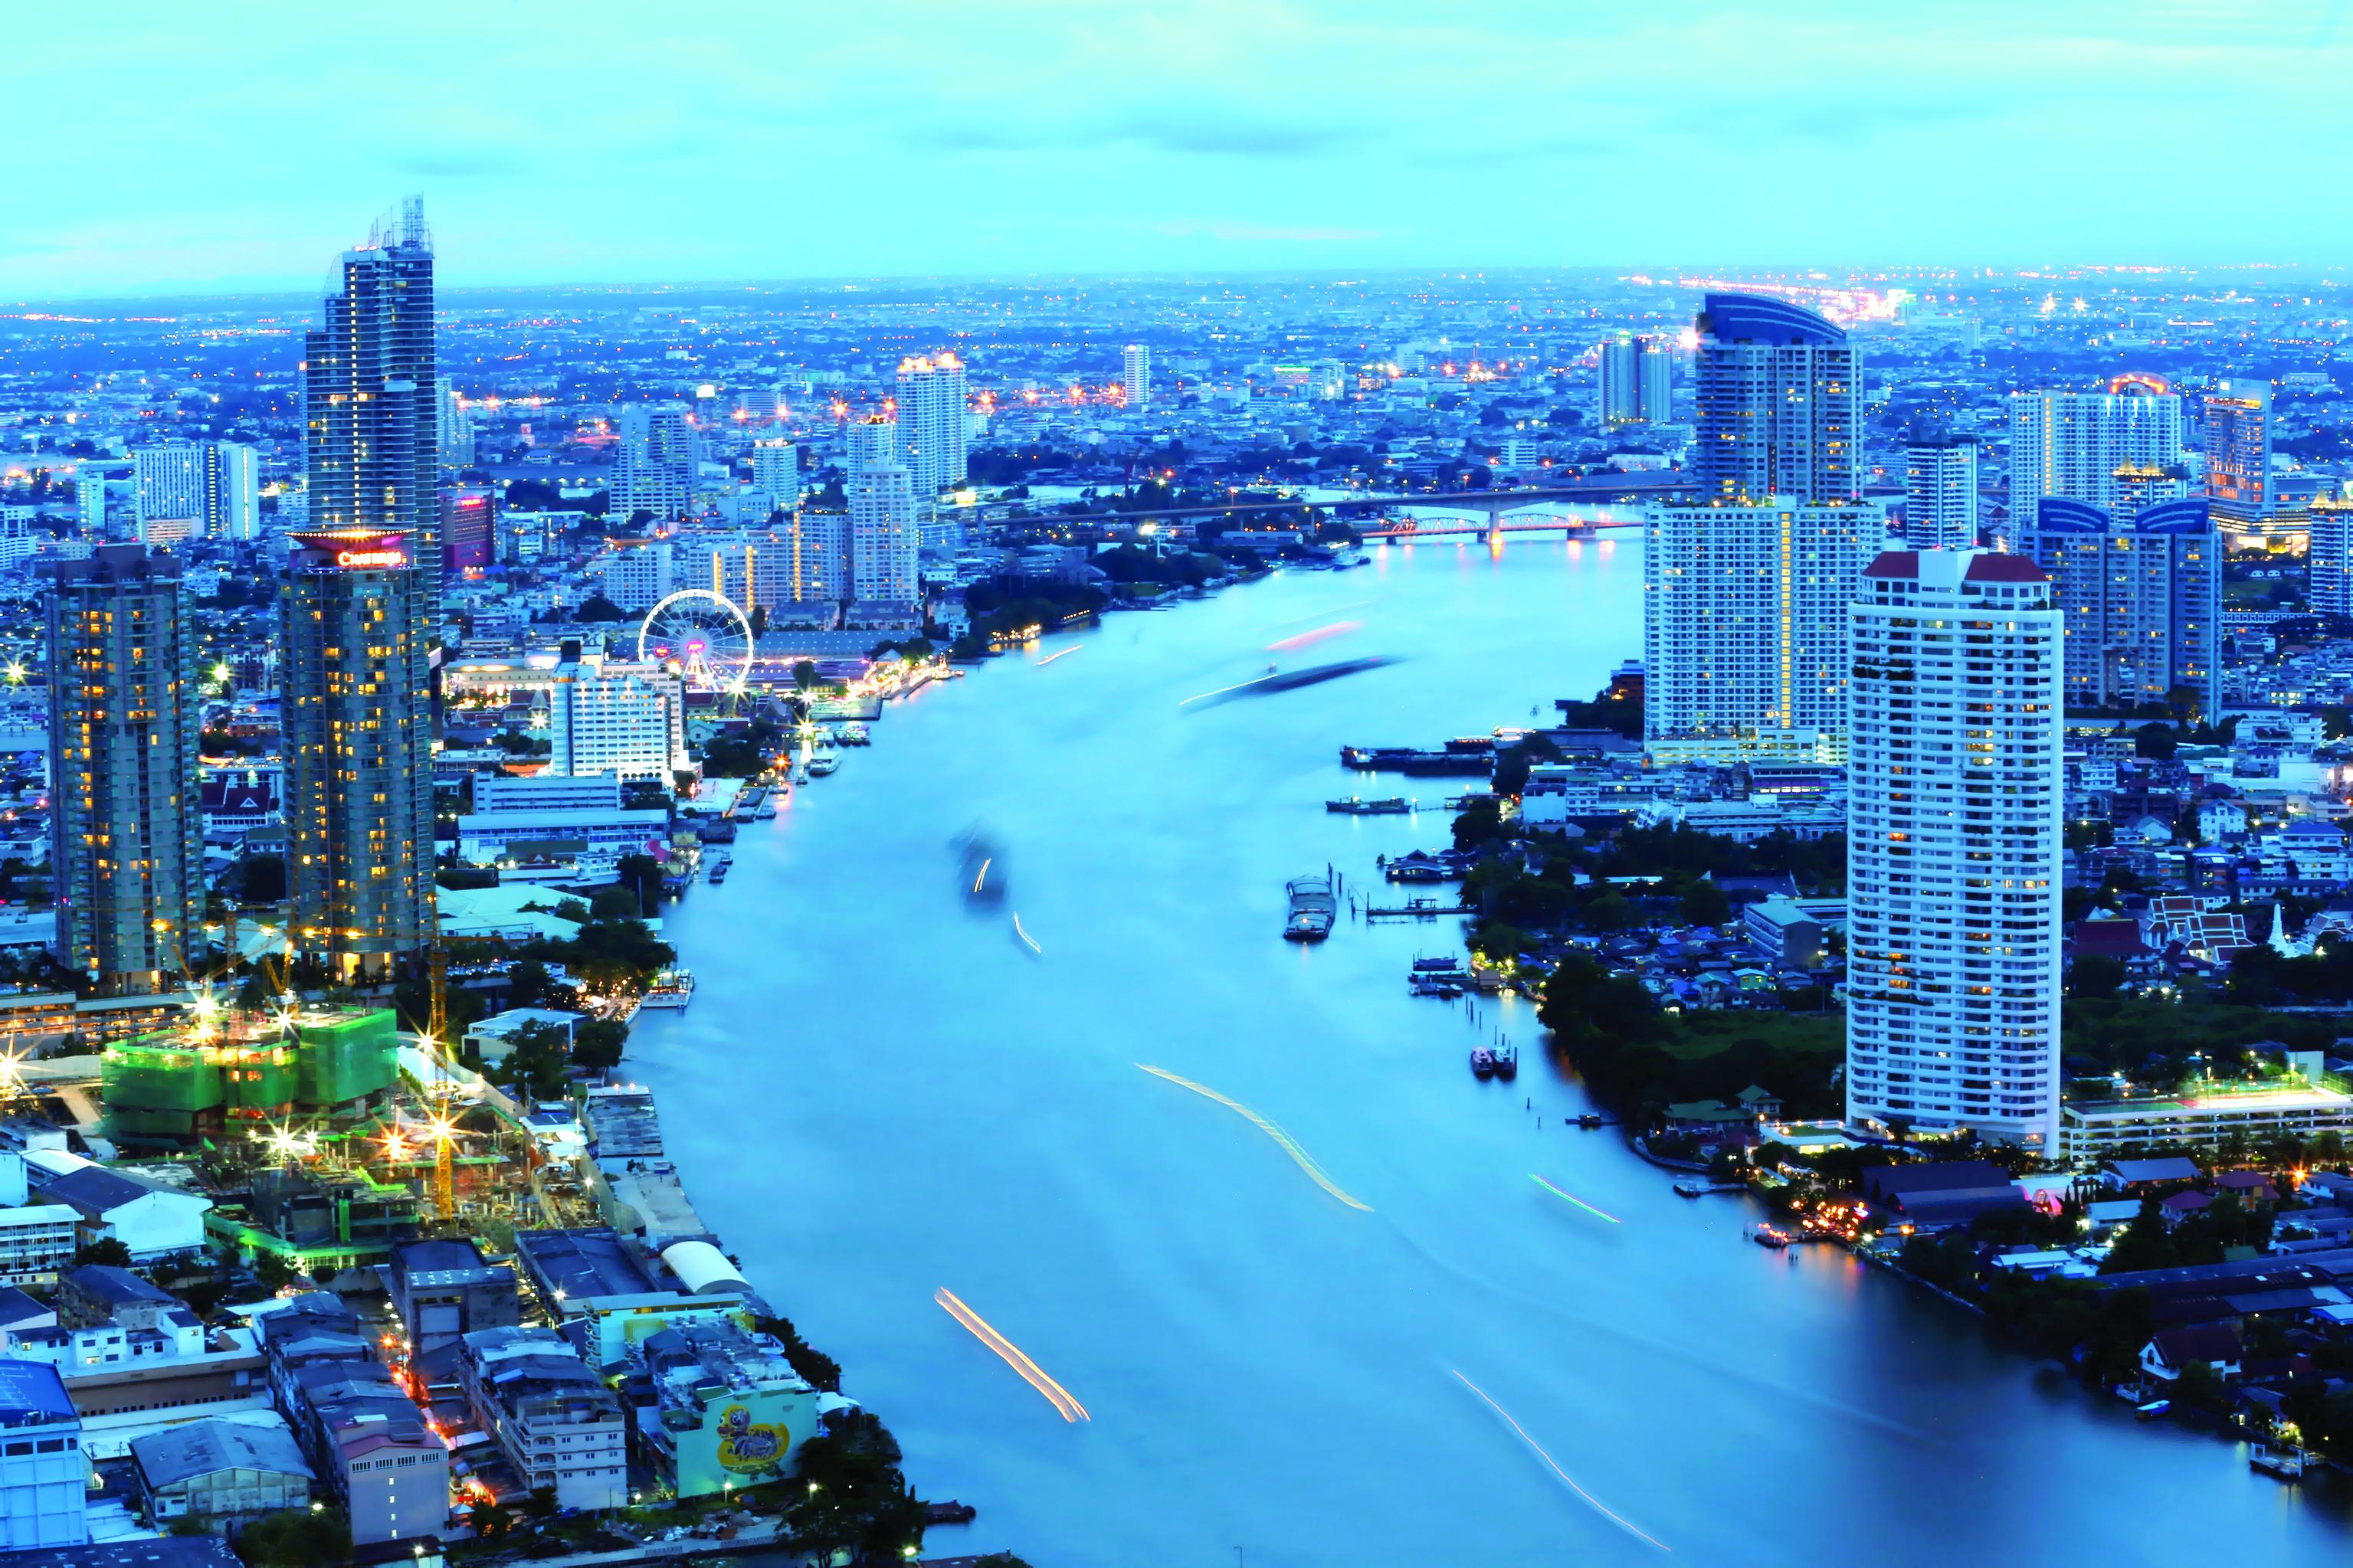 تايلاند الاختيار الاول للسياح من عدة دول من المنطقة